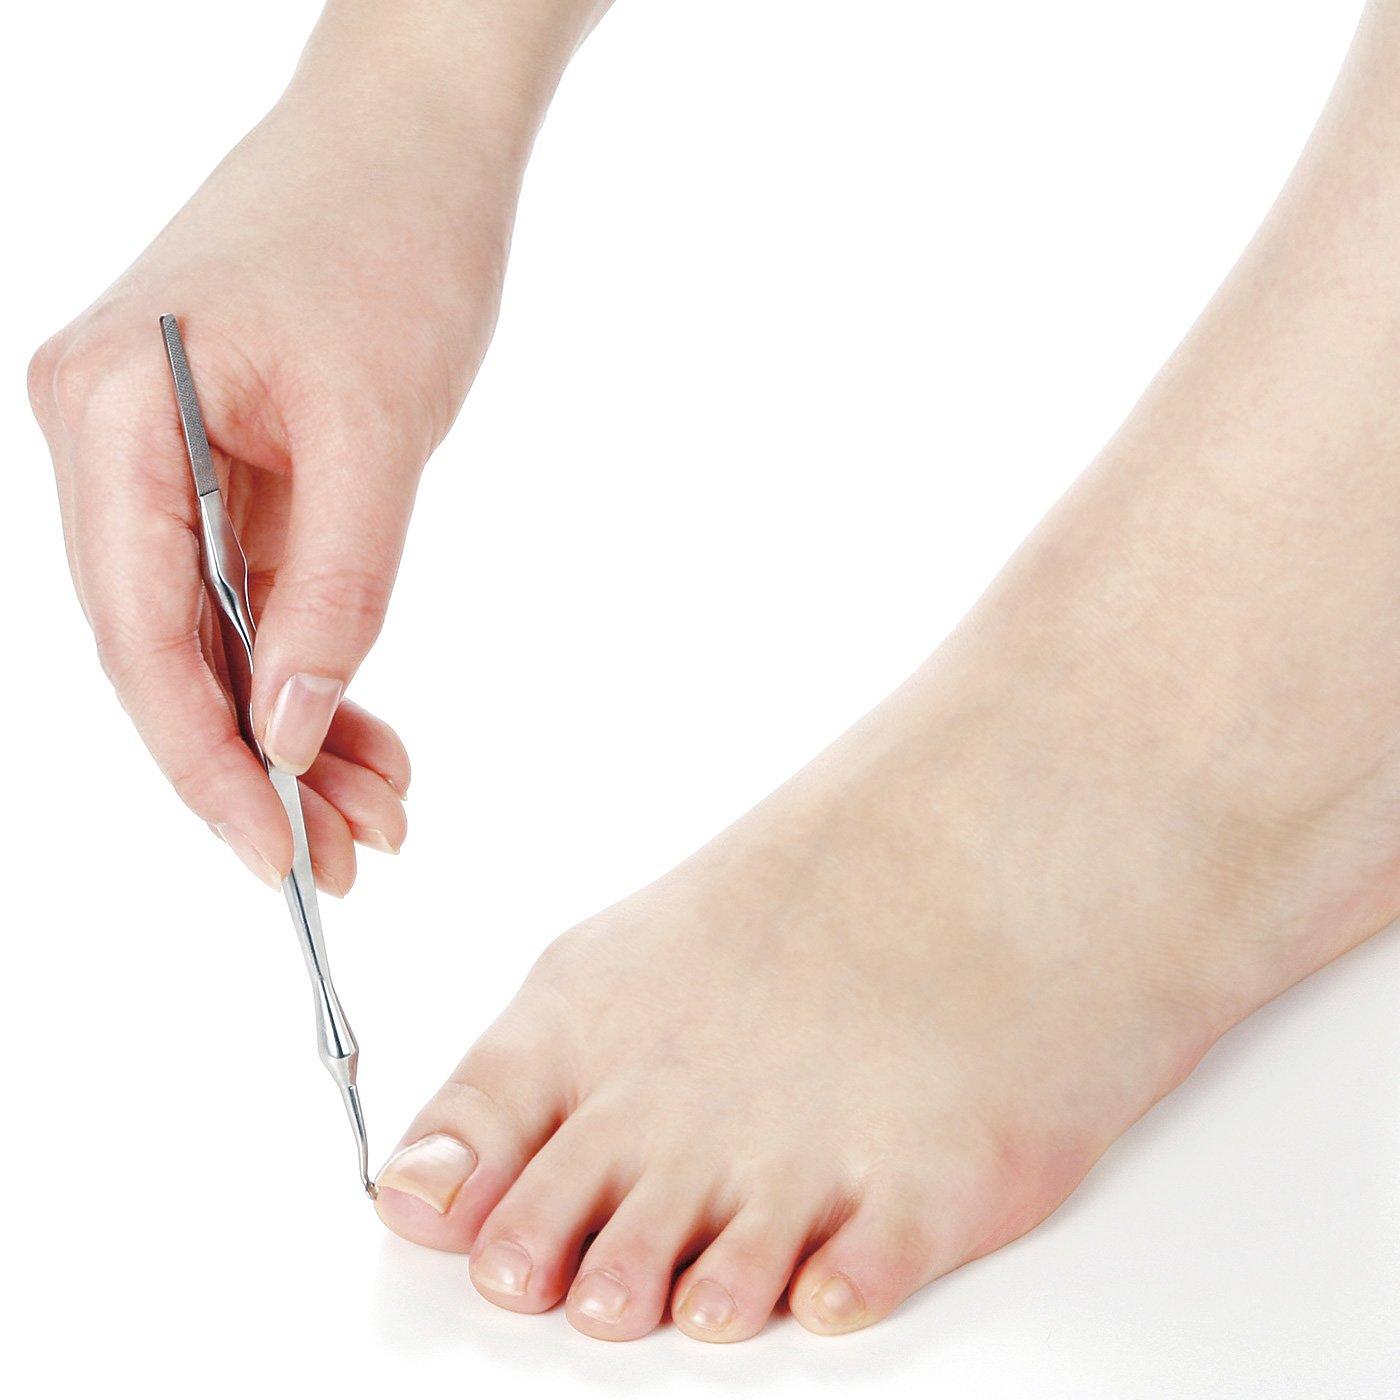 足のお手入れこれ1本! つめ垢ごっそり、つま先うっとり やすり付きつめ垢取り